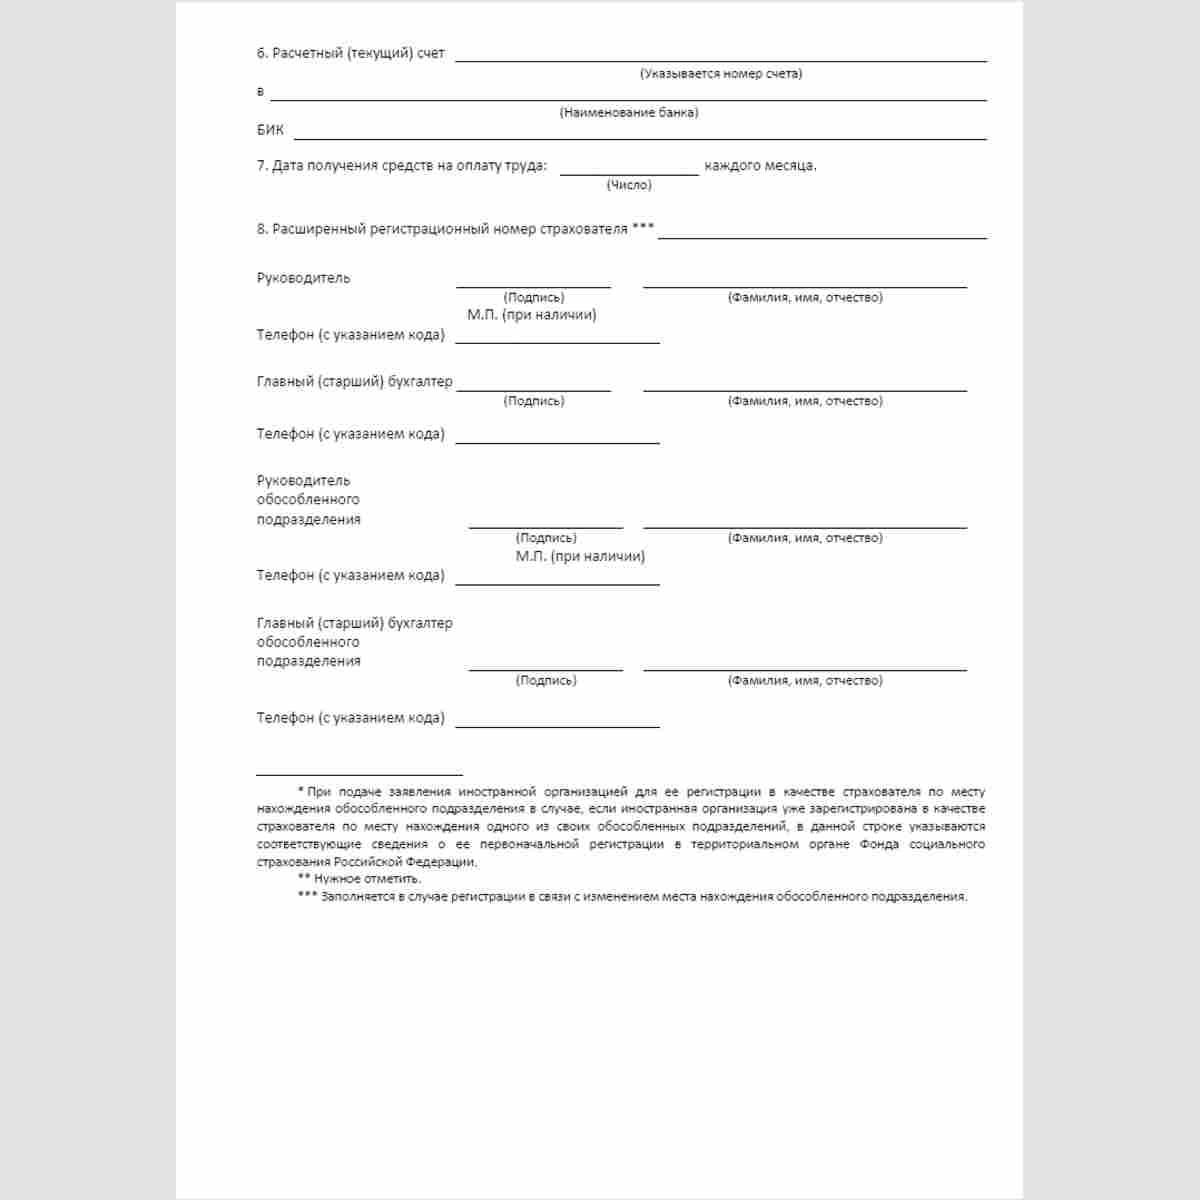 """Форма """"Заявление о регистрации в качестве страхователя юридического лица по месту нахождения обособленного подразделения"""". Стр. 3"""